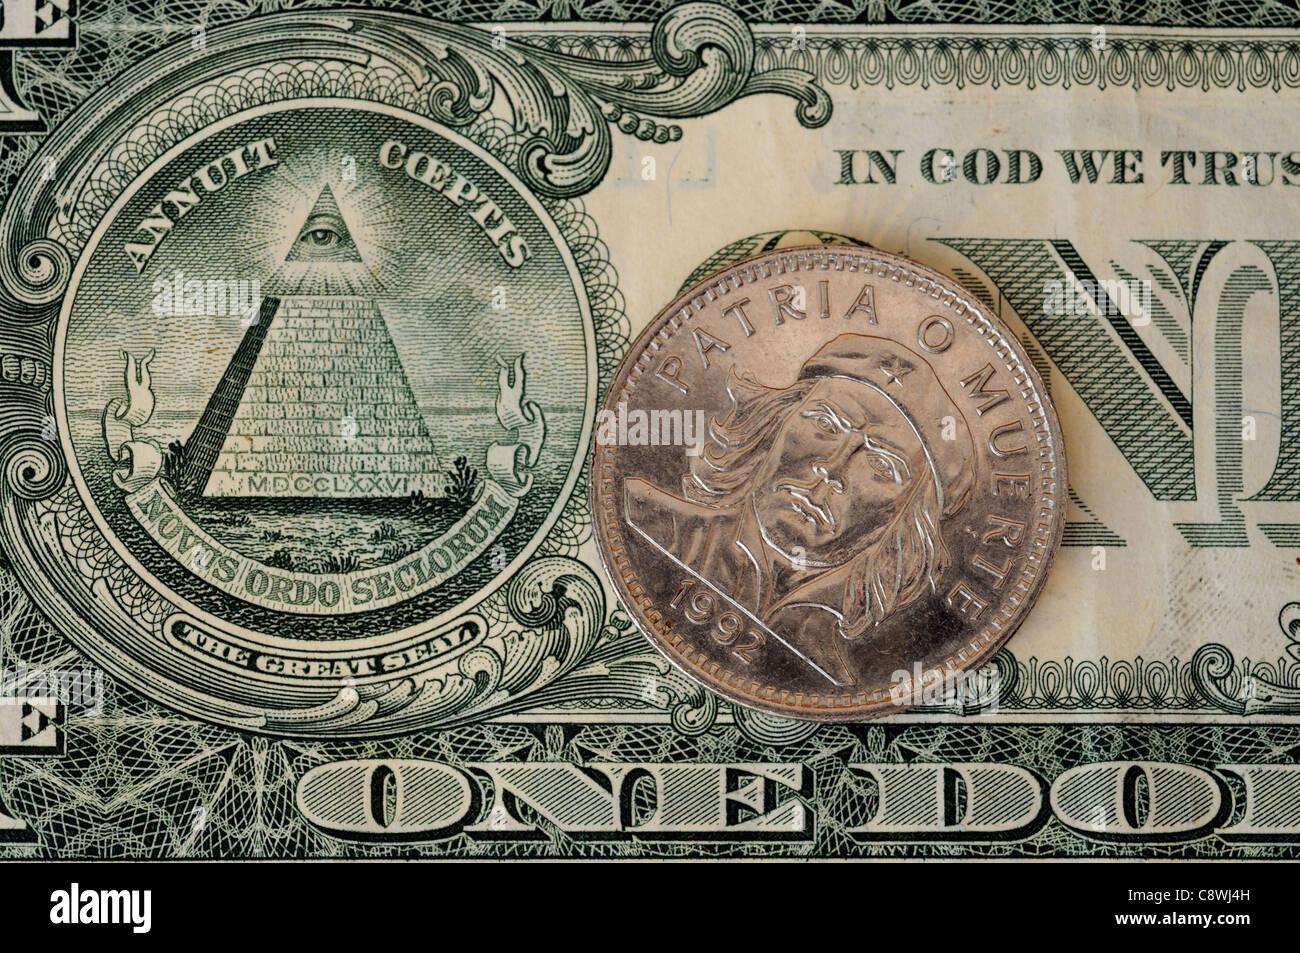 Eine kubanische Münze mit dem Porträt von Che Guevara und eine Pyramide auf dem amerikanischen Dollarschein Stockbild